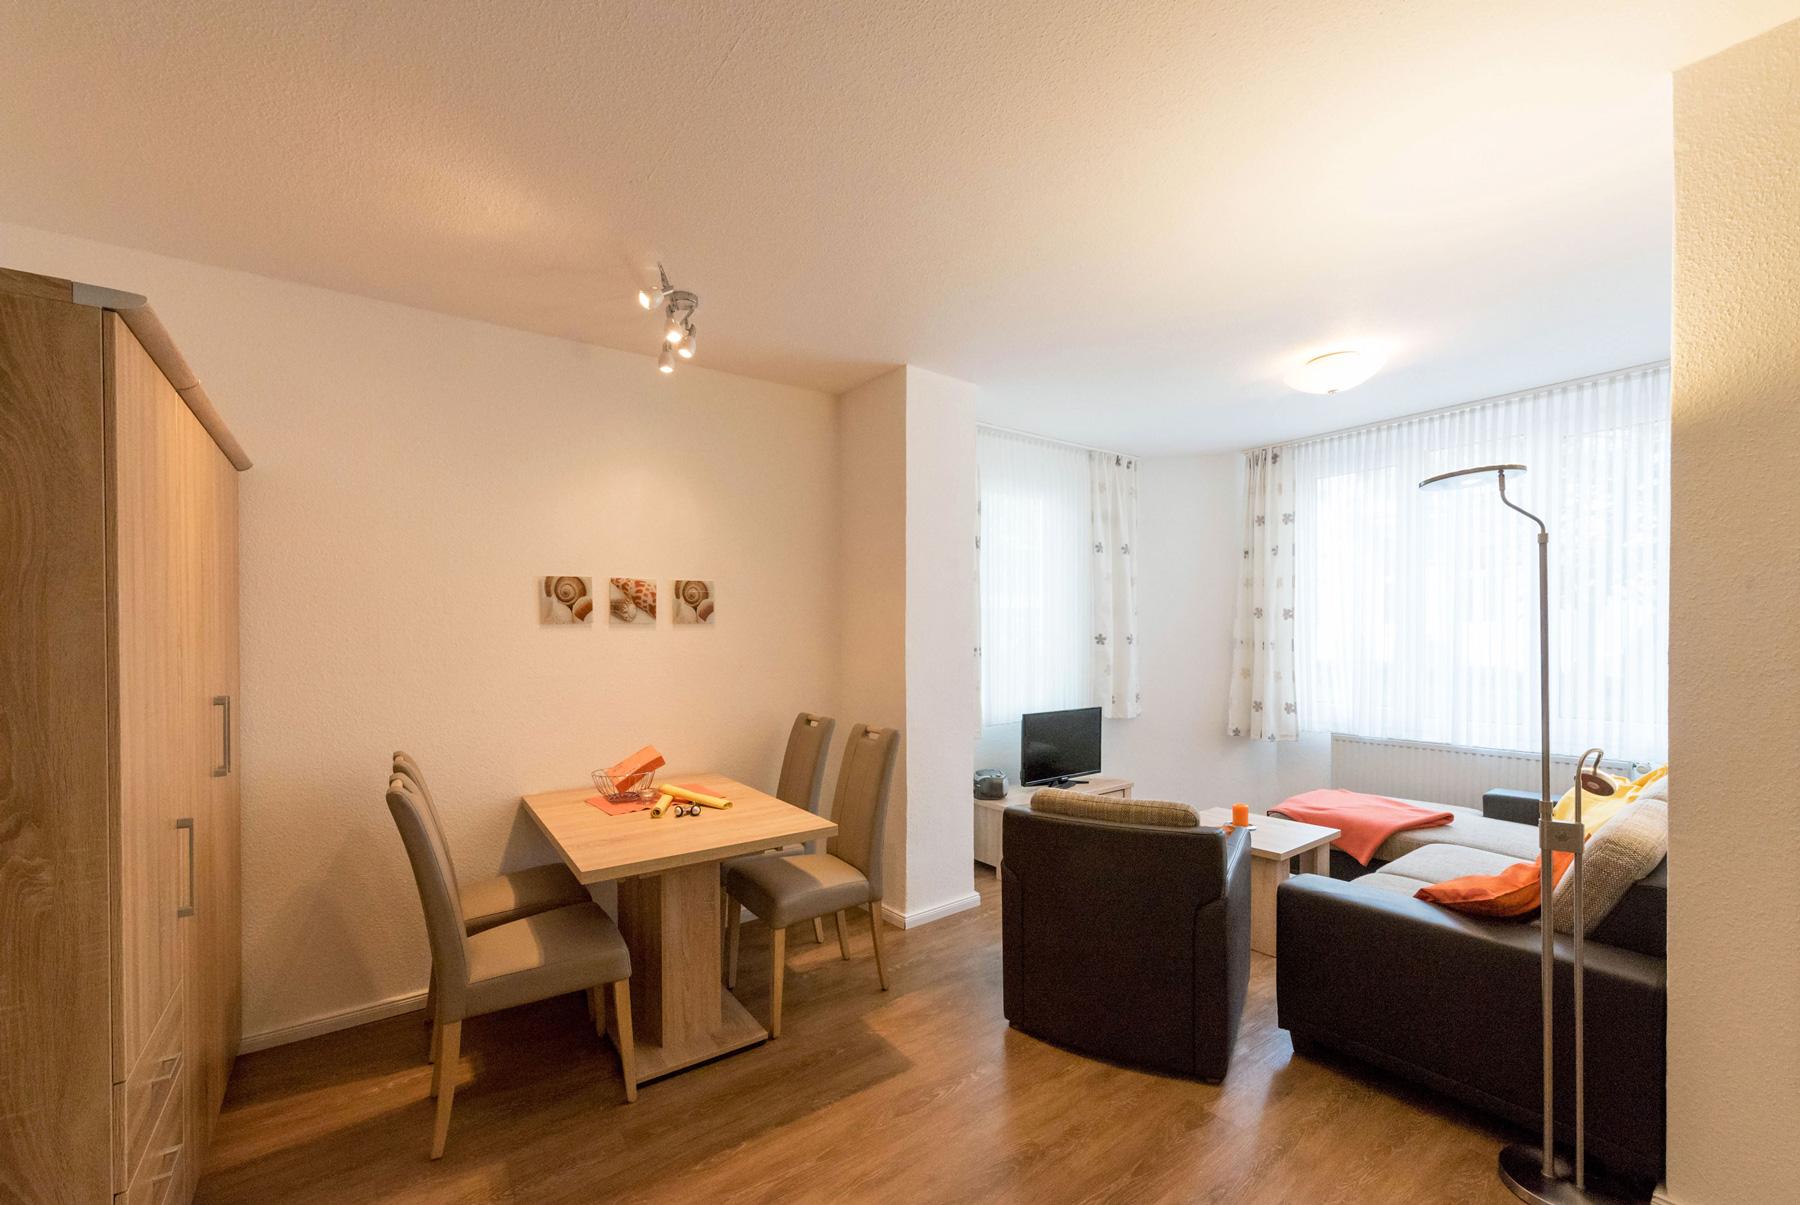 platz f r bis zu 3 personen in der wohnung 1 haus albatros. Black Bedroom Furniture Sets. Home Design Ideas